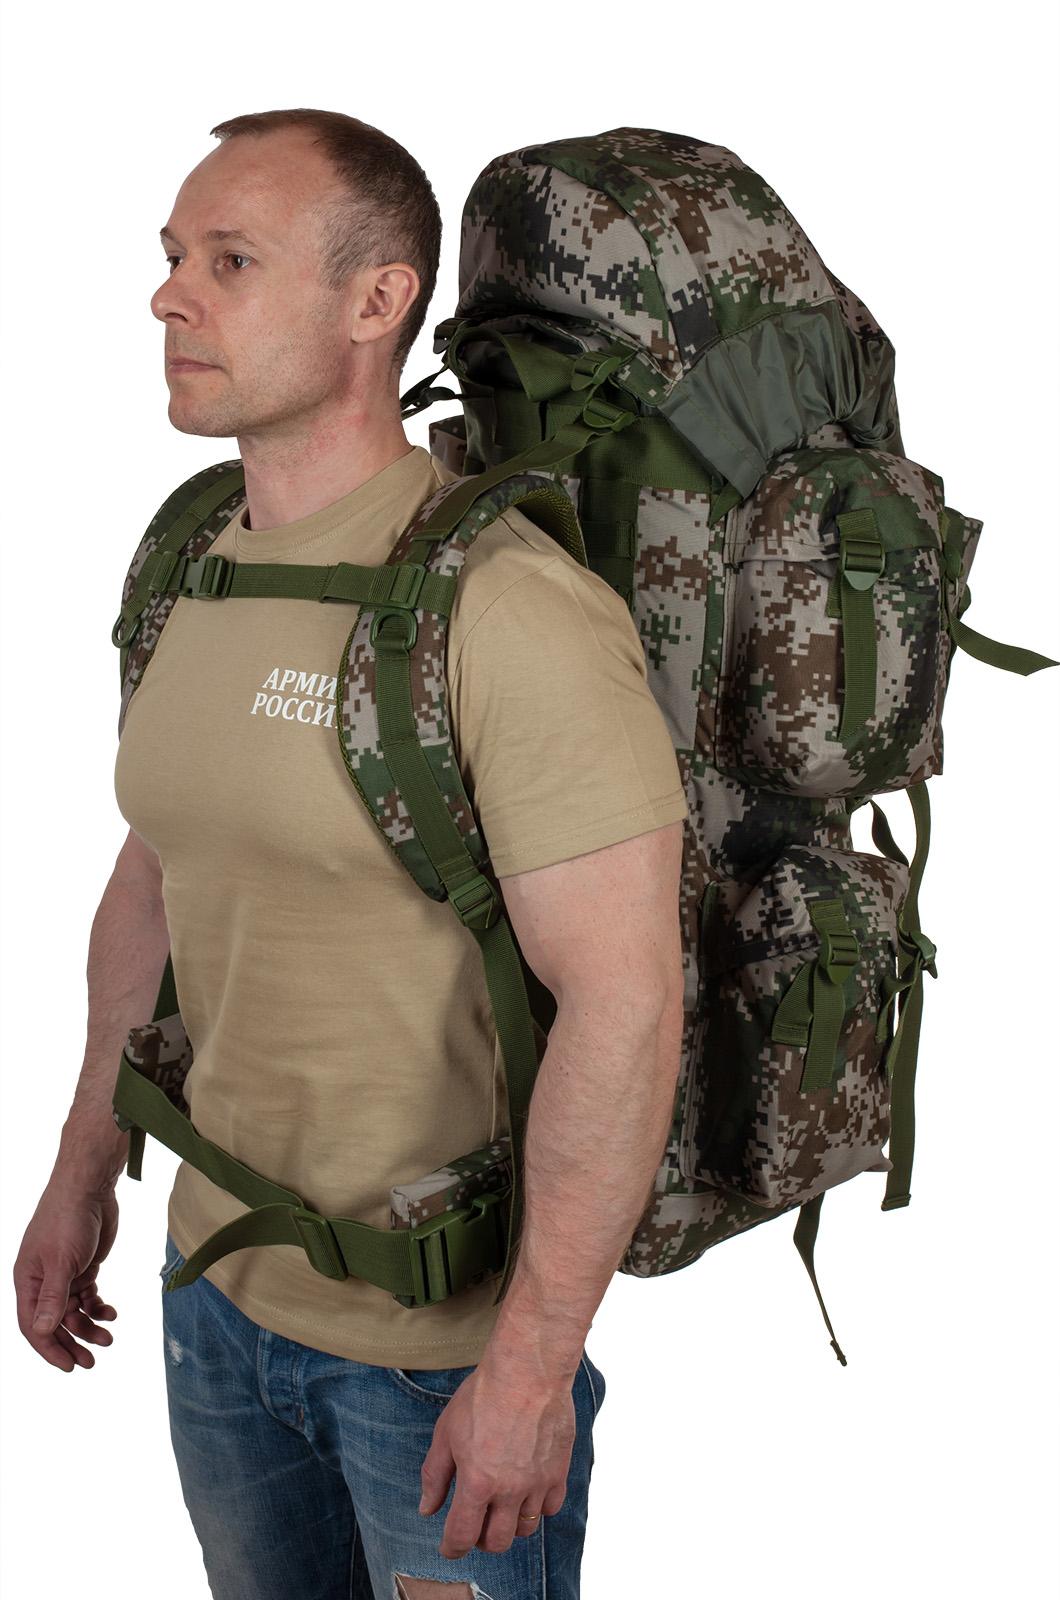 Походный вместительный ранец-рюкзак с нашивкой Рыболовный Спецназ - купить по низкой цене